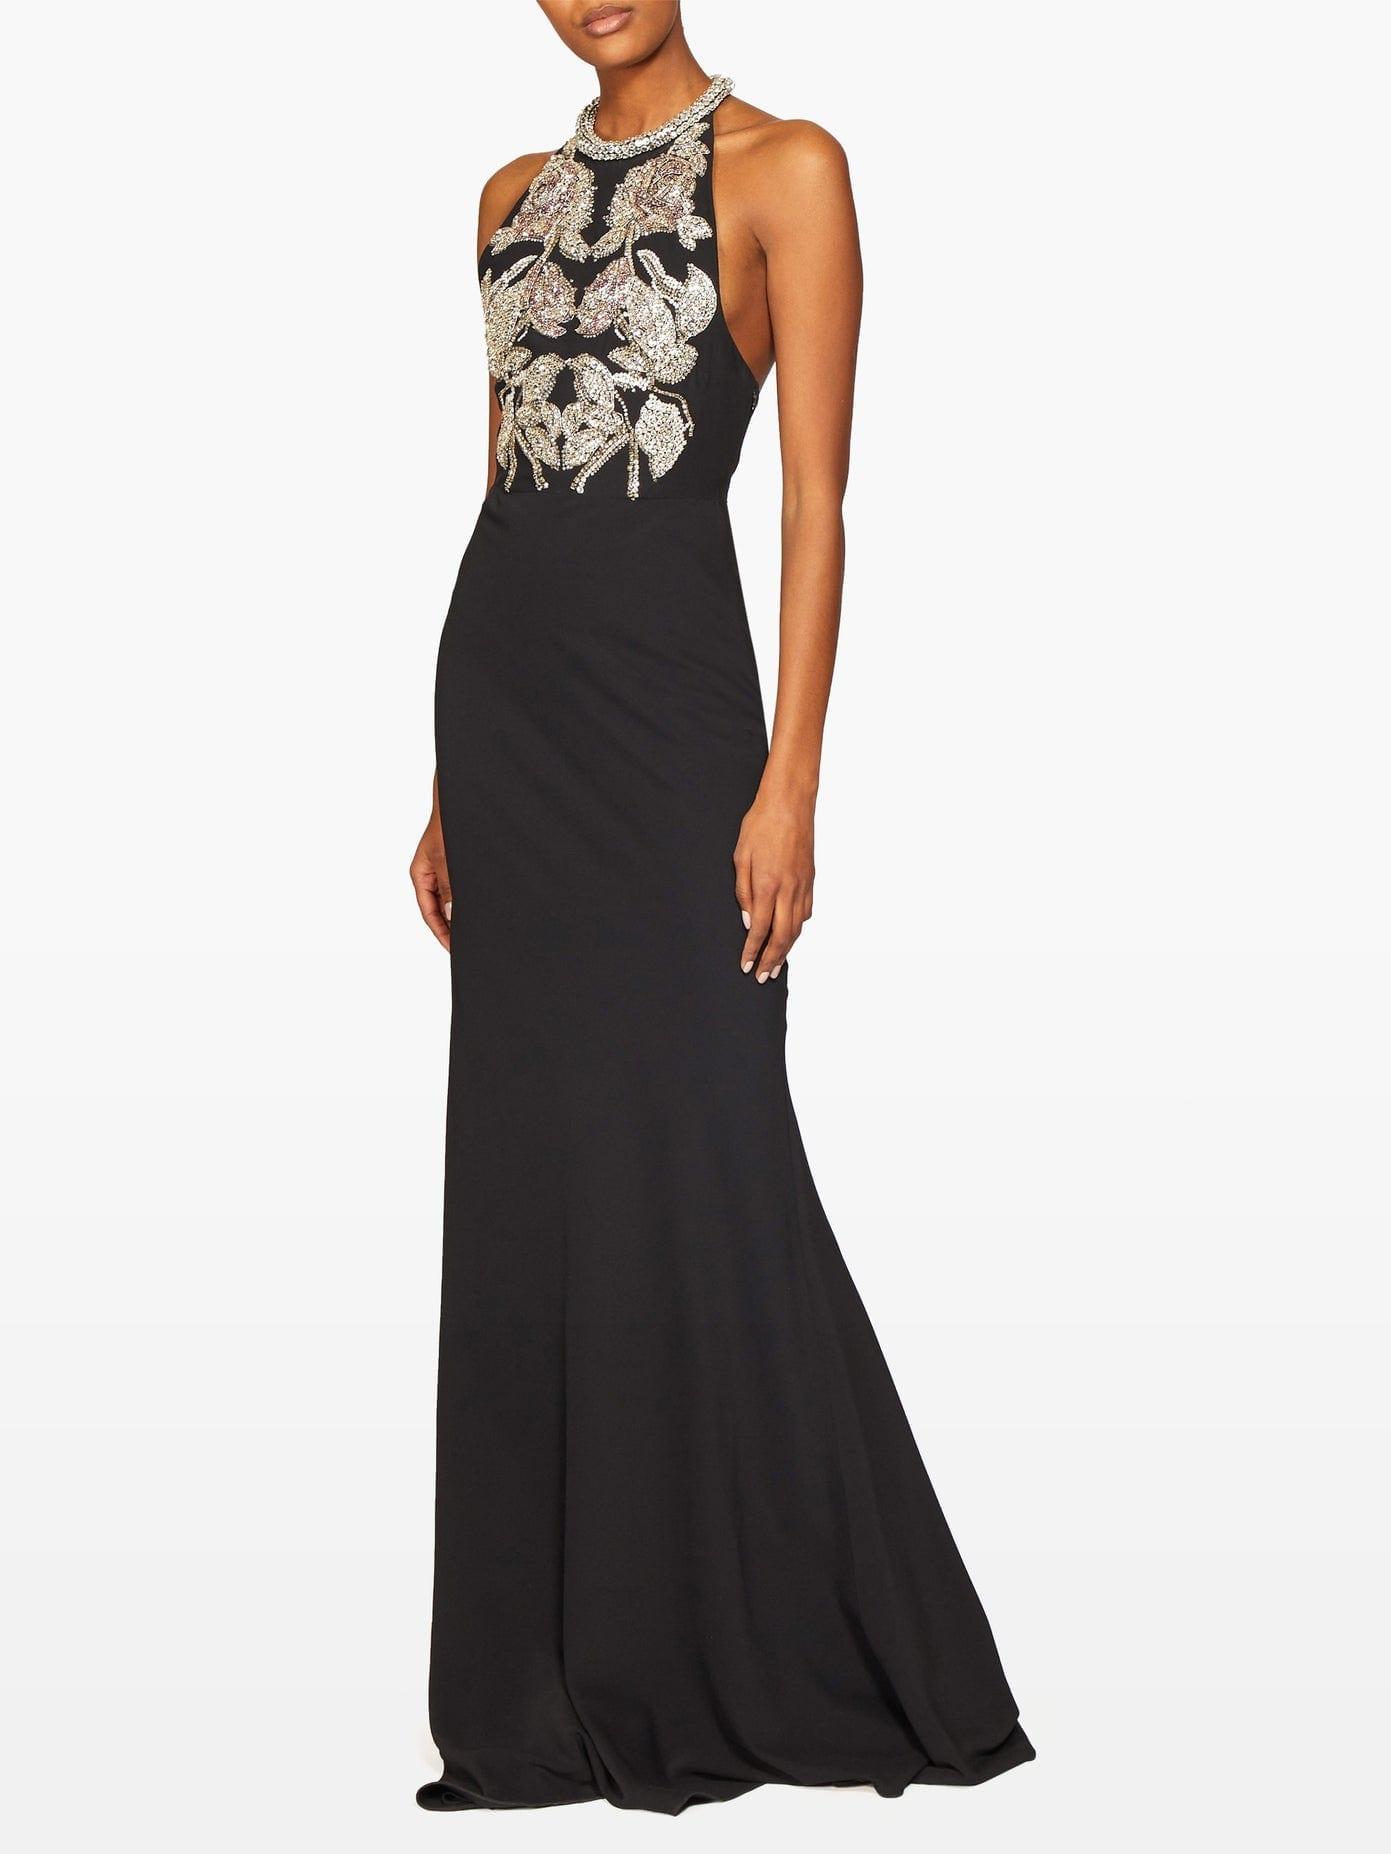 ALEXANDER MCQUEEN Crystal-embellished Halterneck Crepe Gown